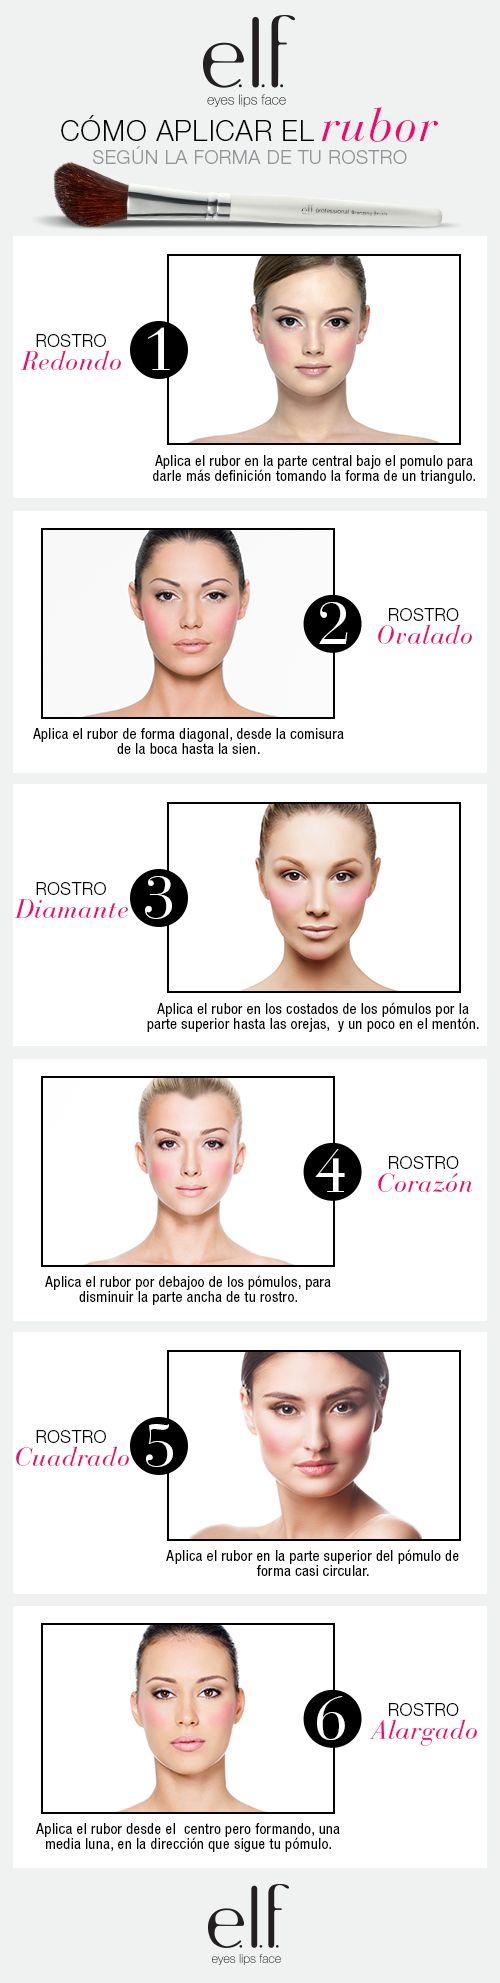 #Infografía Aprende cómo aplicar el rubor según la forma de tu rostro. #elfTip